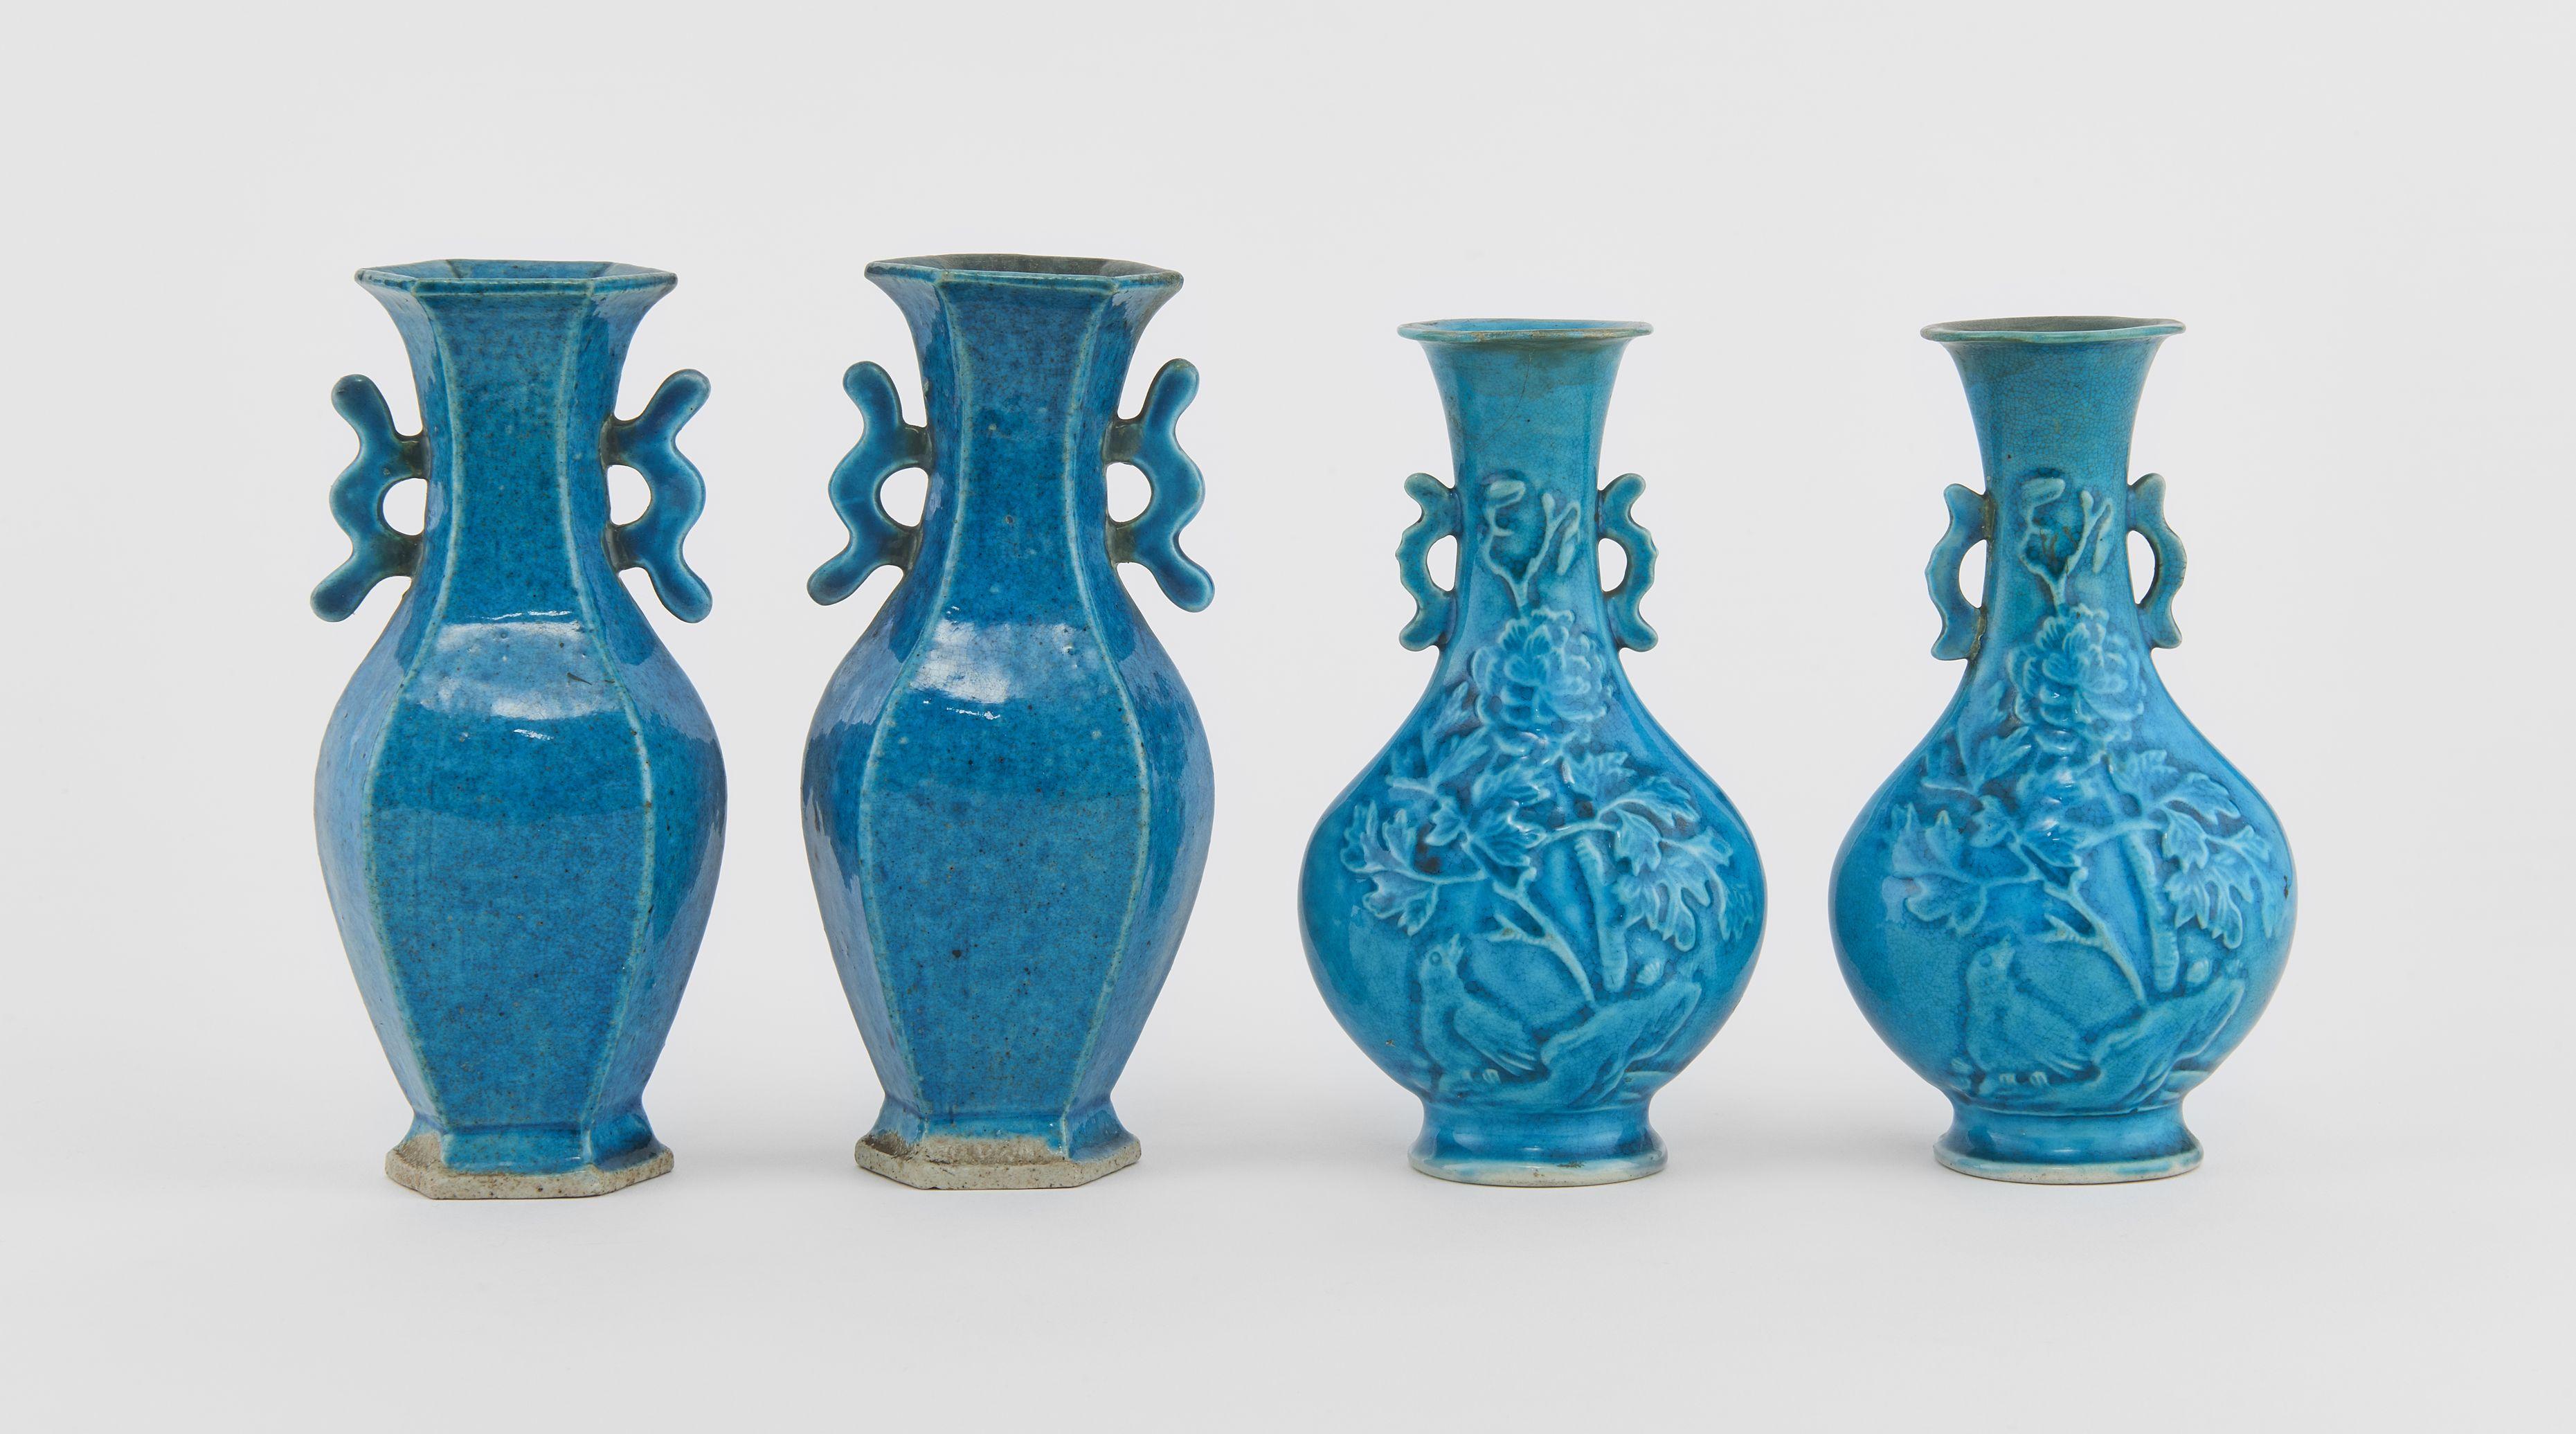 Vente ONLINE ONLY 5/6: Art asiatique chez Genève Enchères : 328 lots